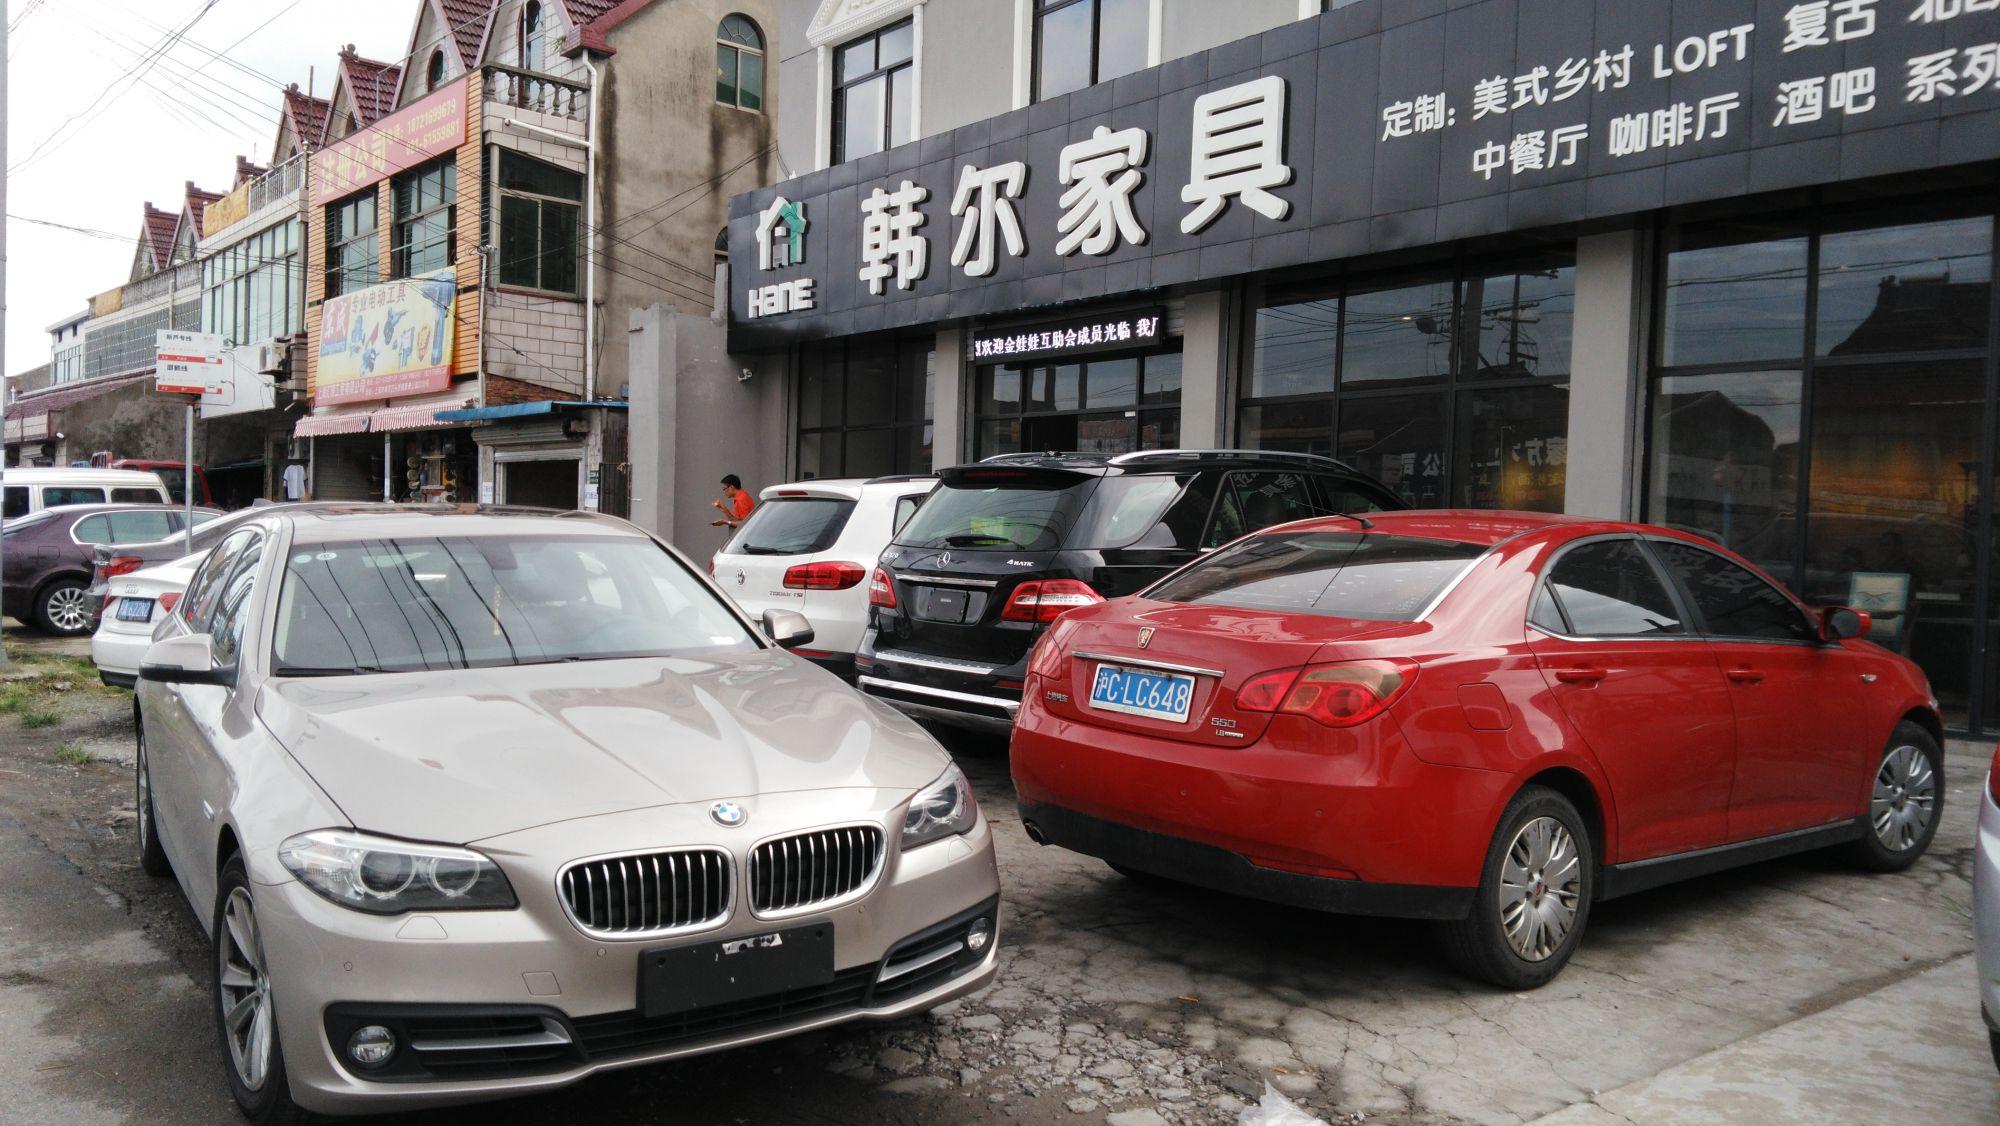 上海韩尔家具厂